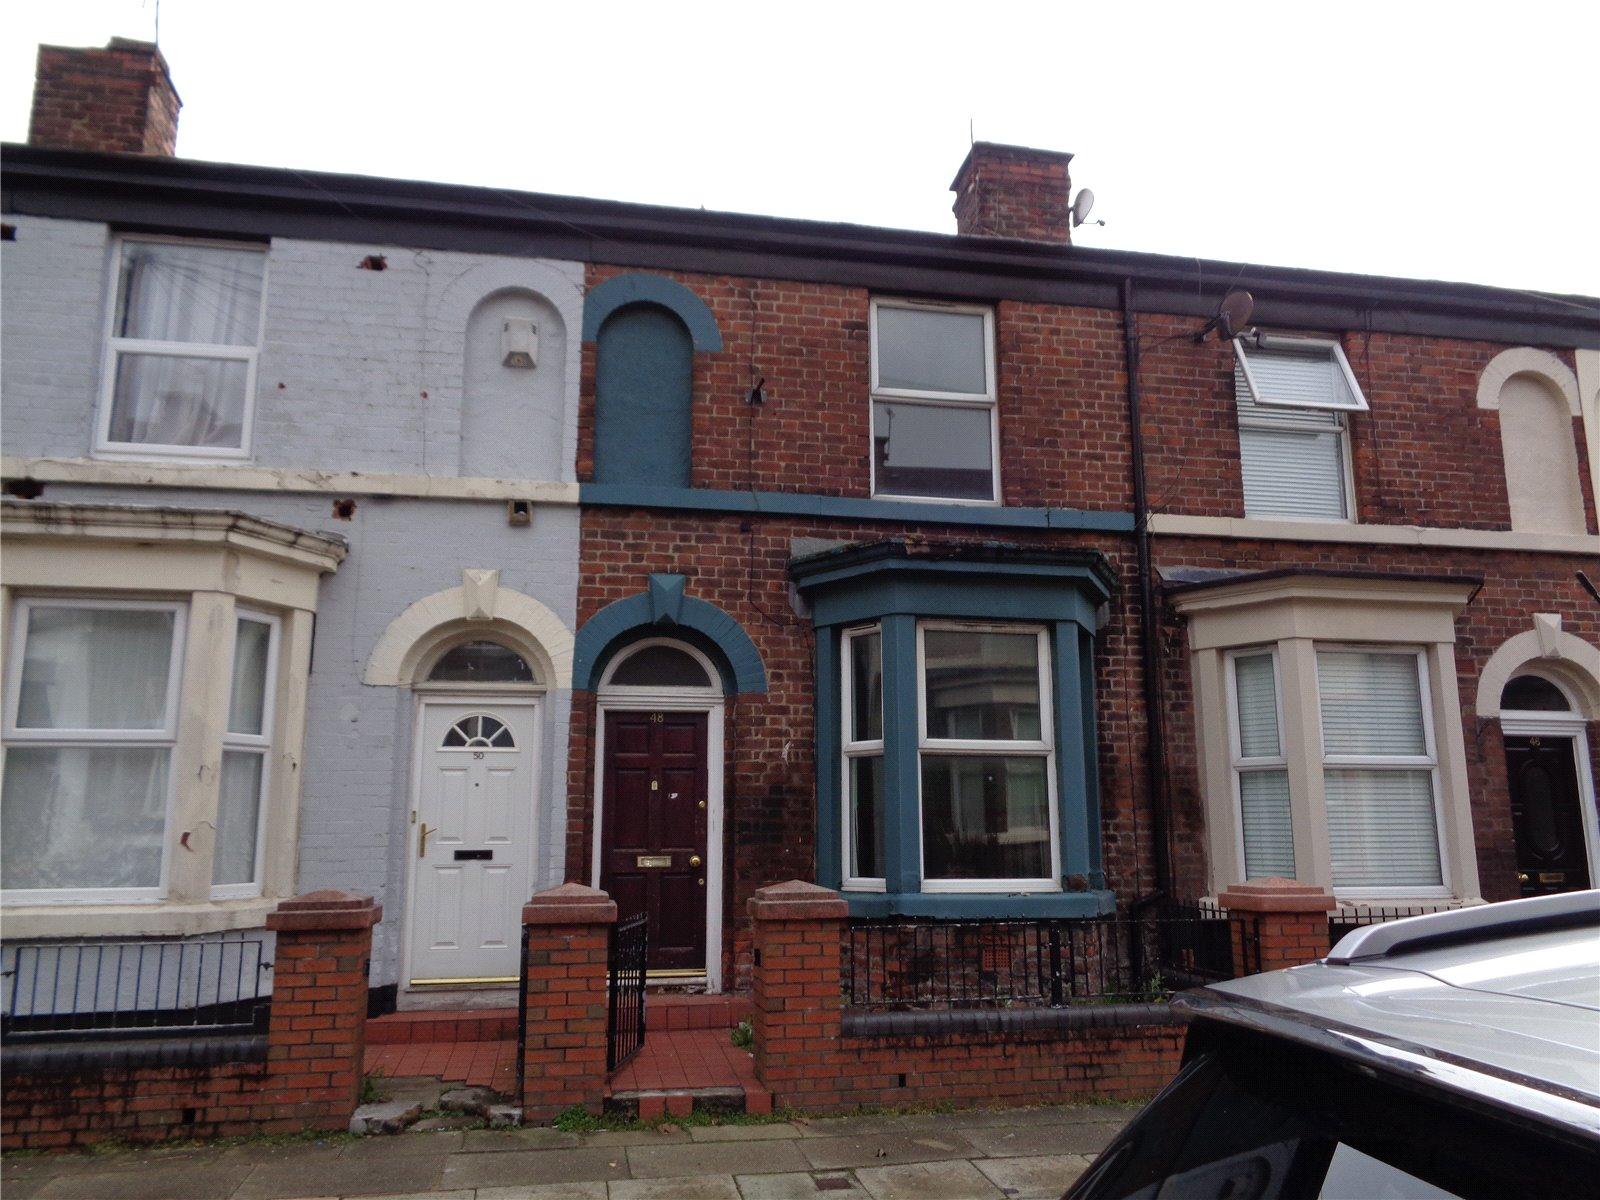 Faraday Street, Liverpool, L5 6PL